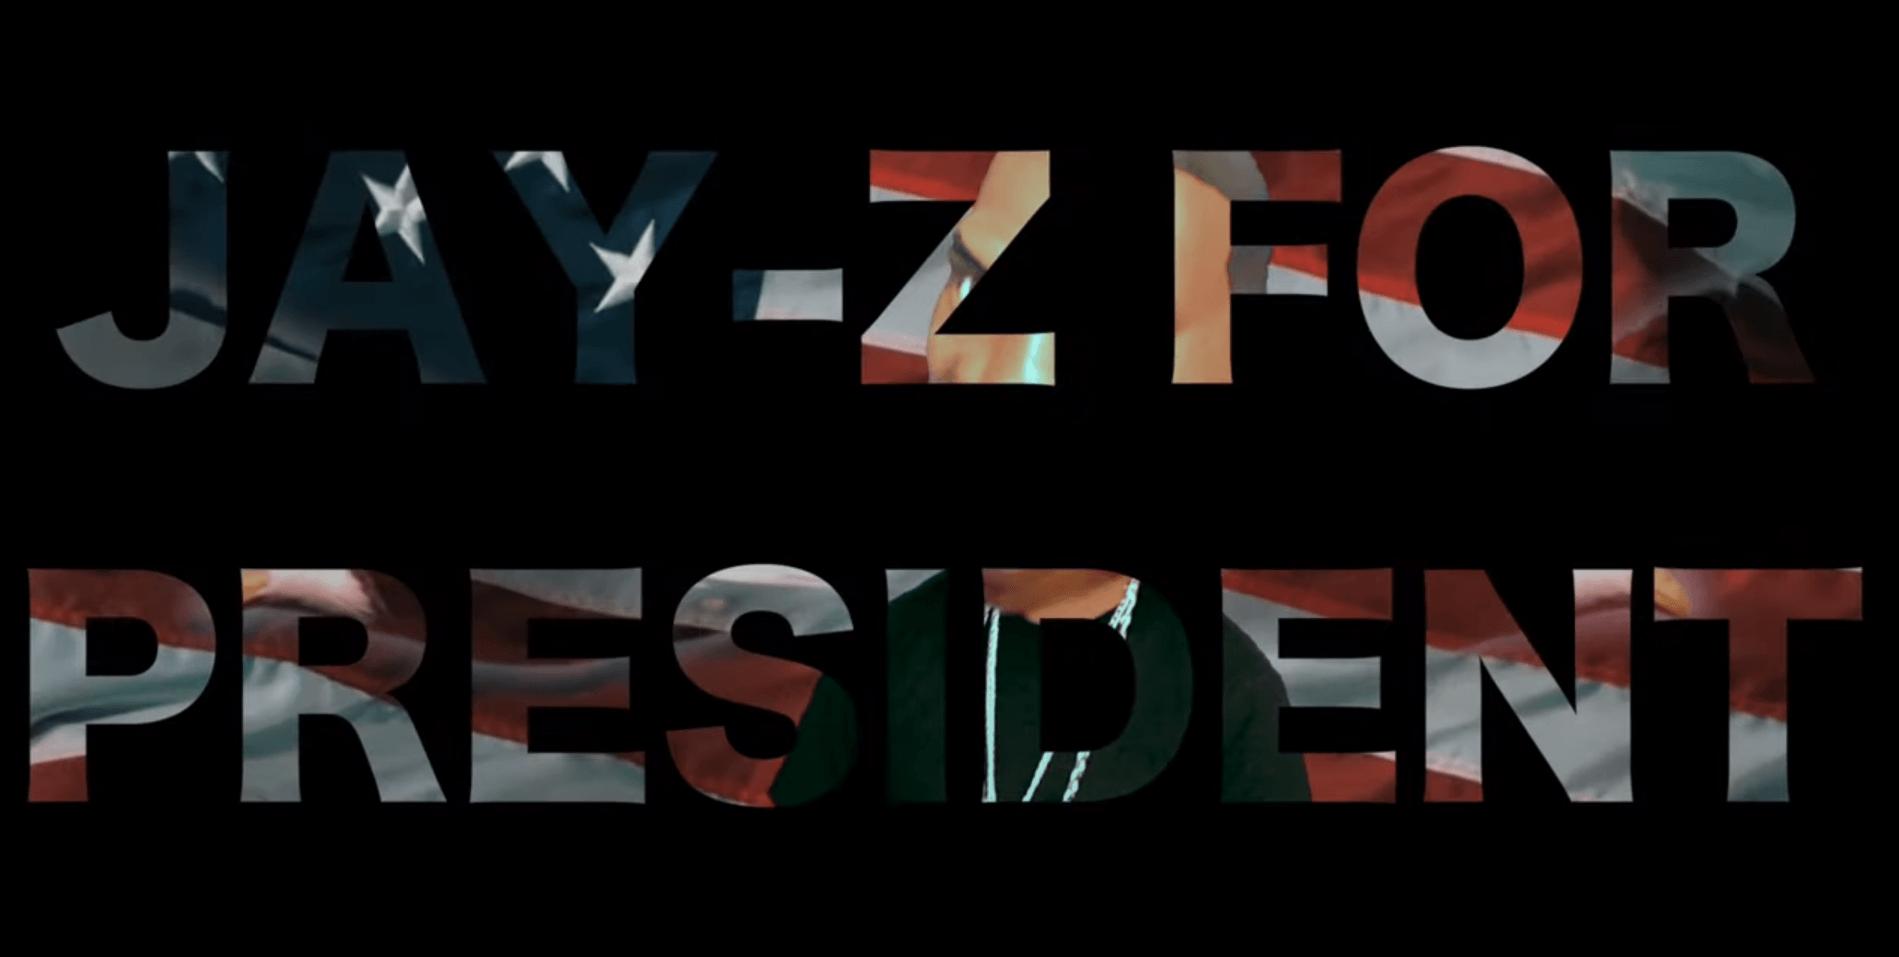 Jay-Z for President 2016